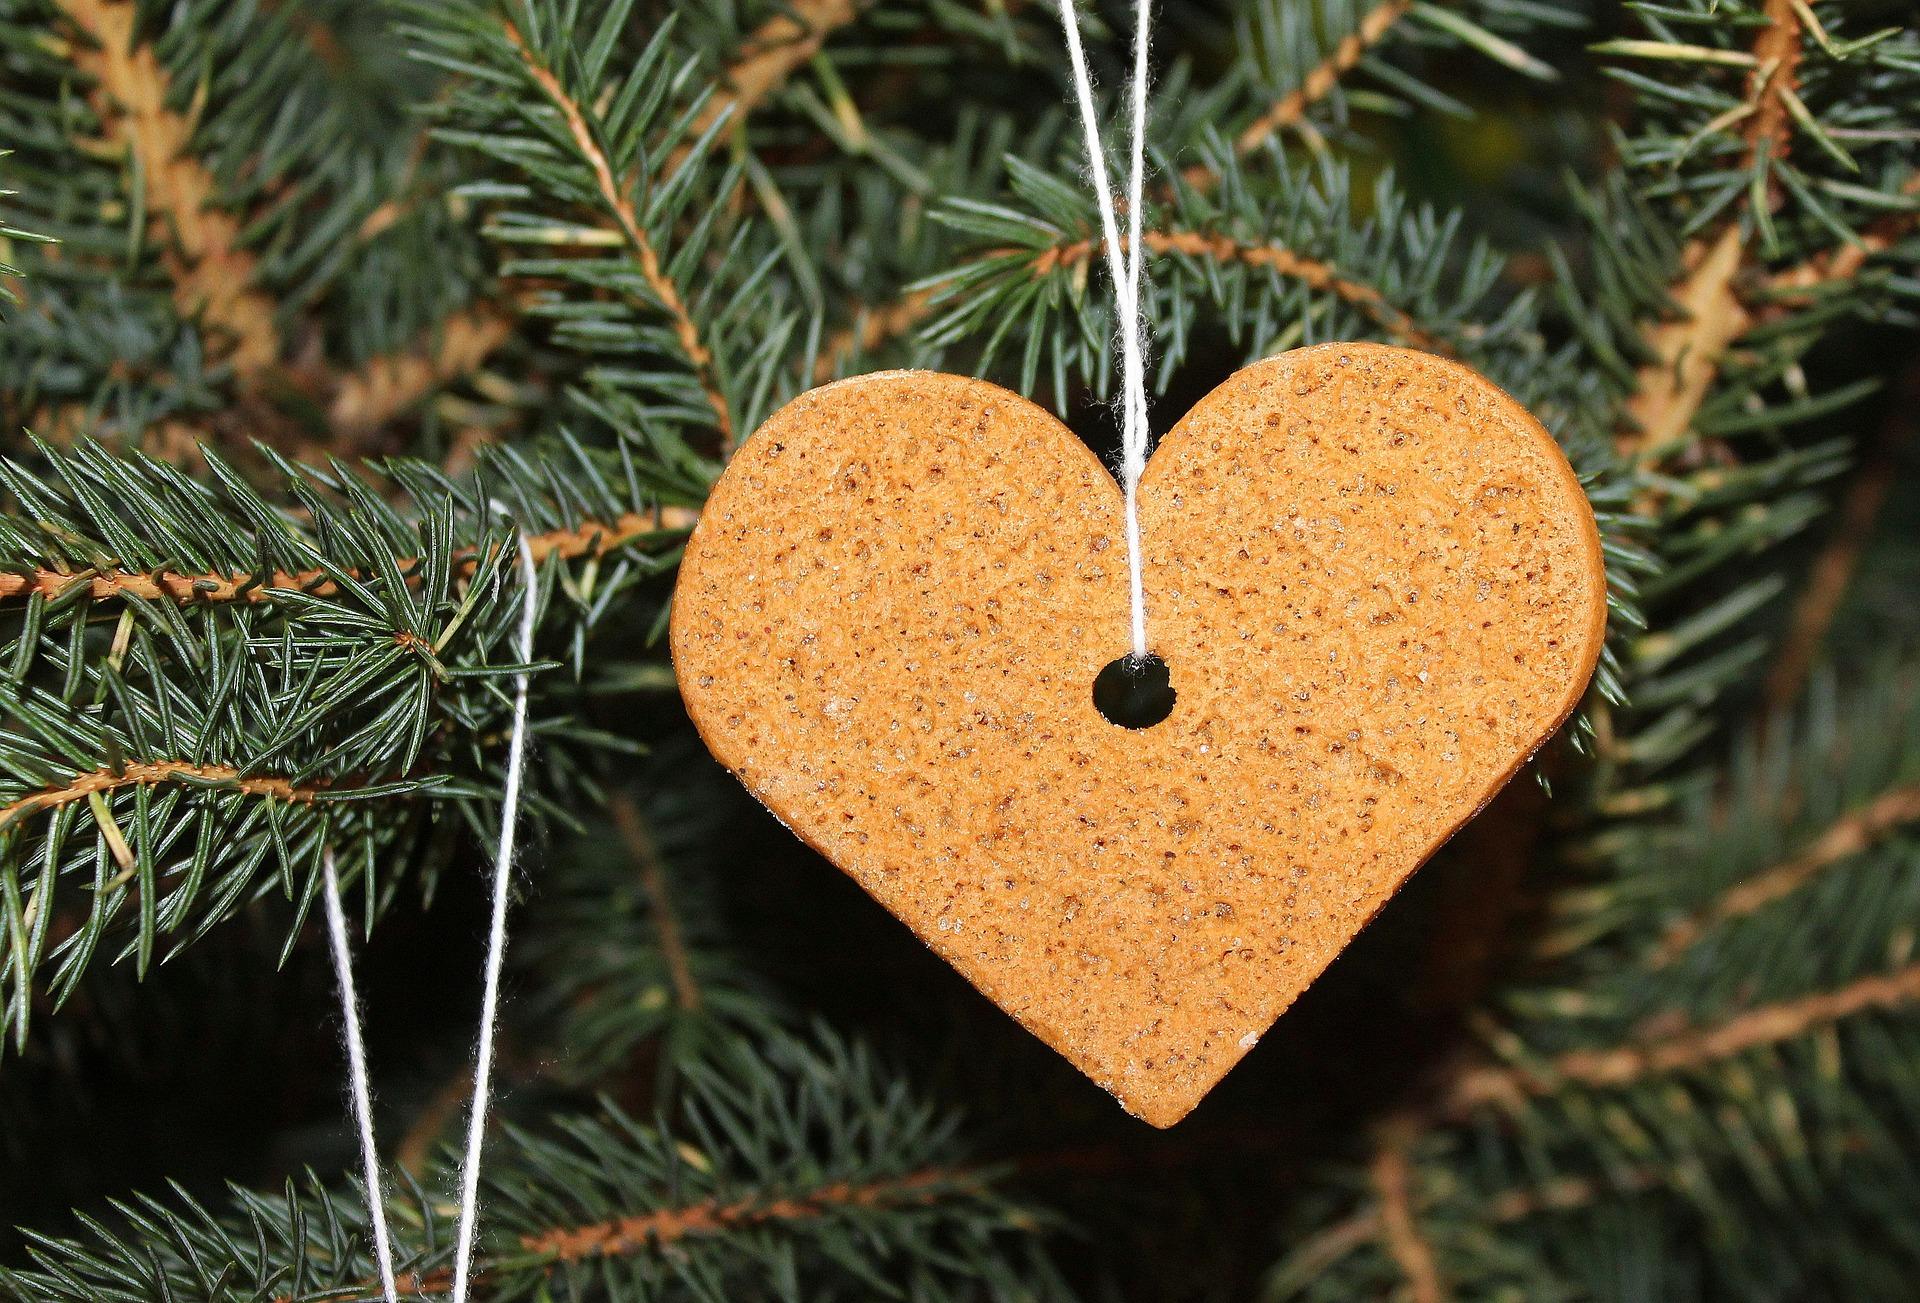 galleta de genjibre en arbol de navidad